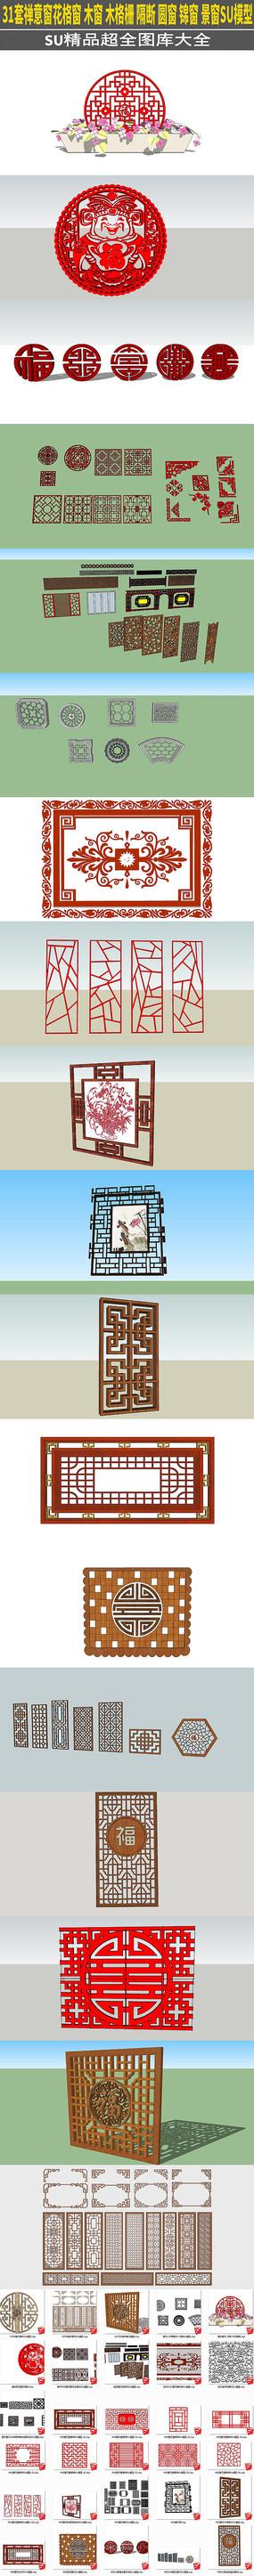 31套禅意中式木雕窗花格窗木窗木格栅隔断